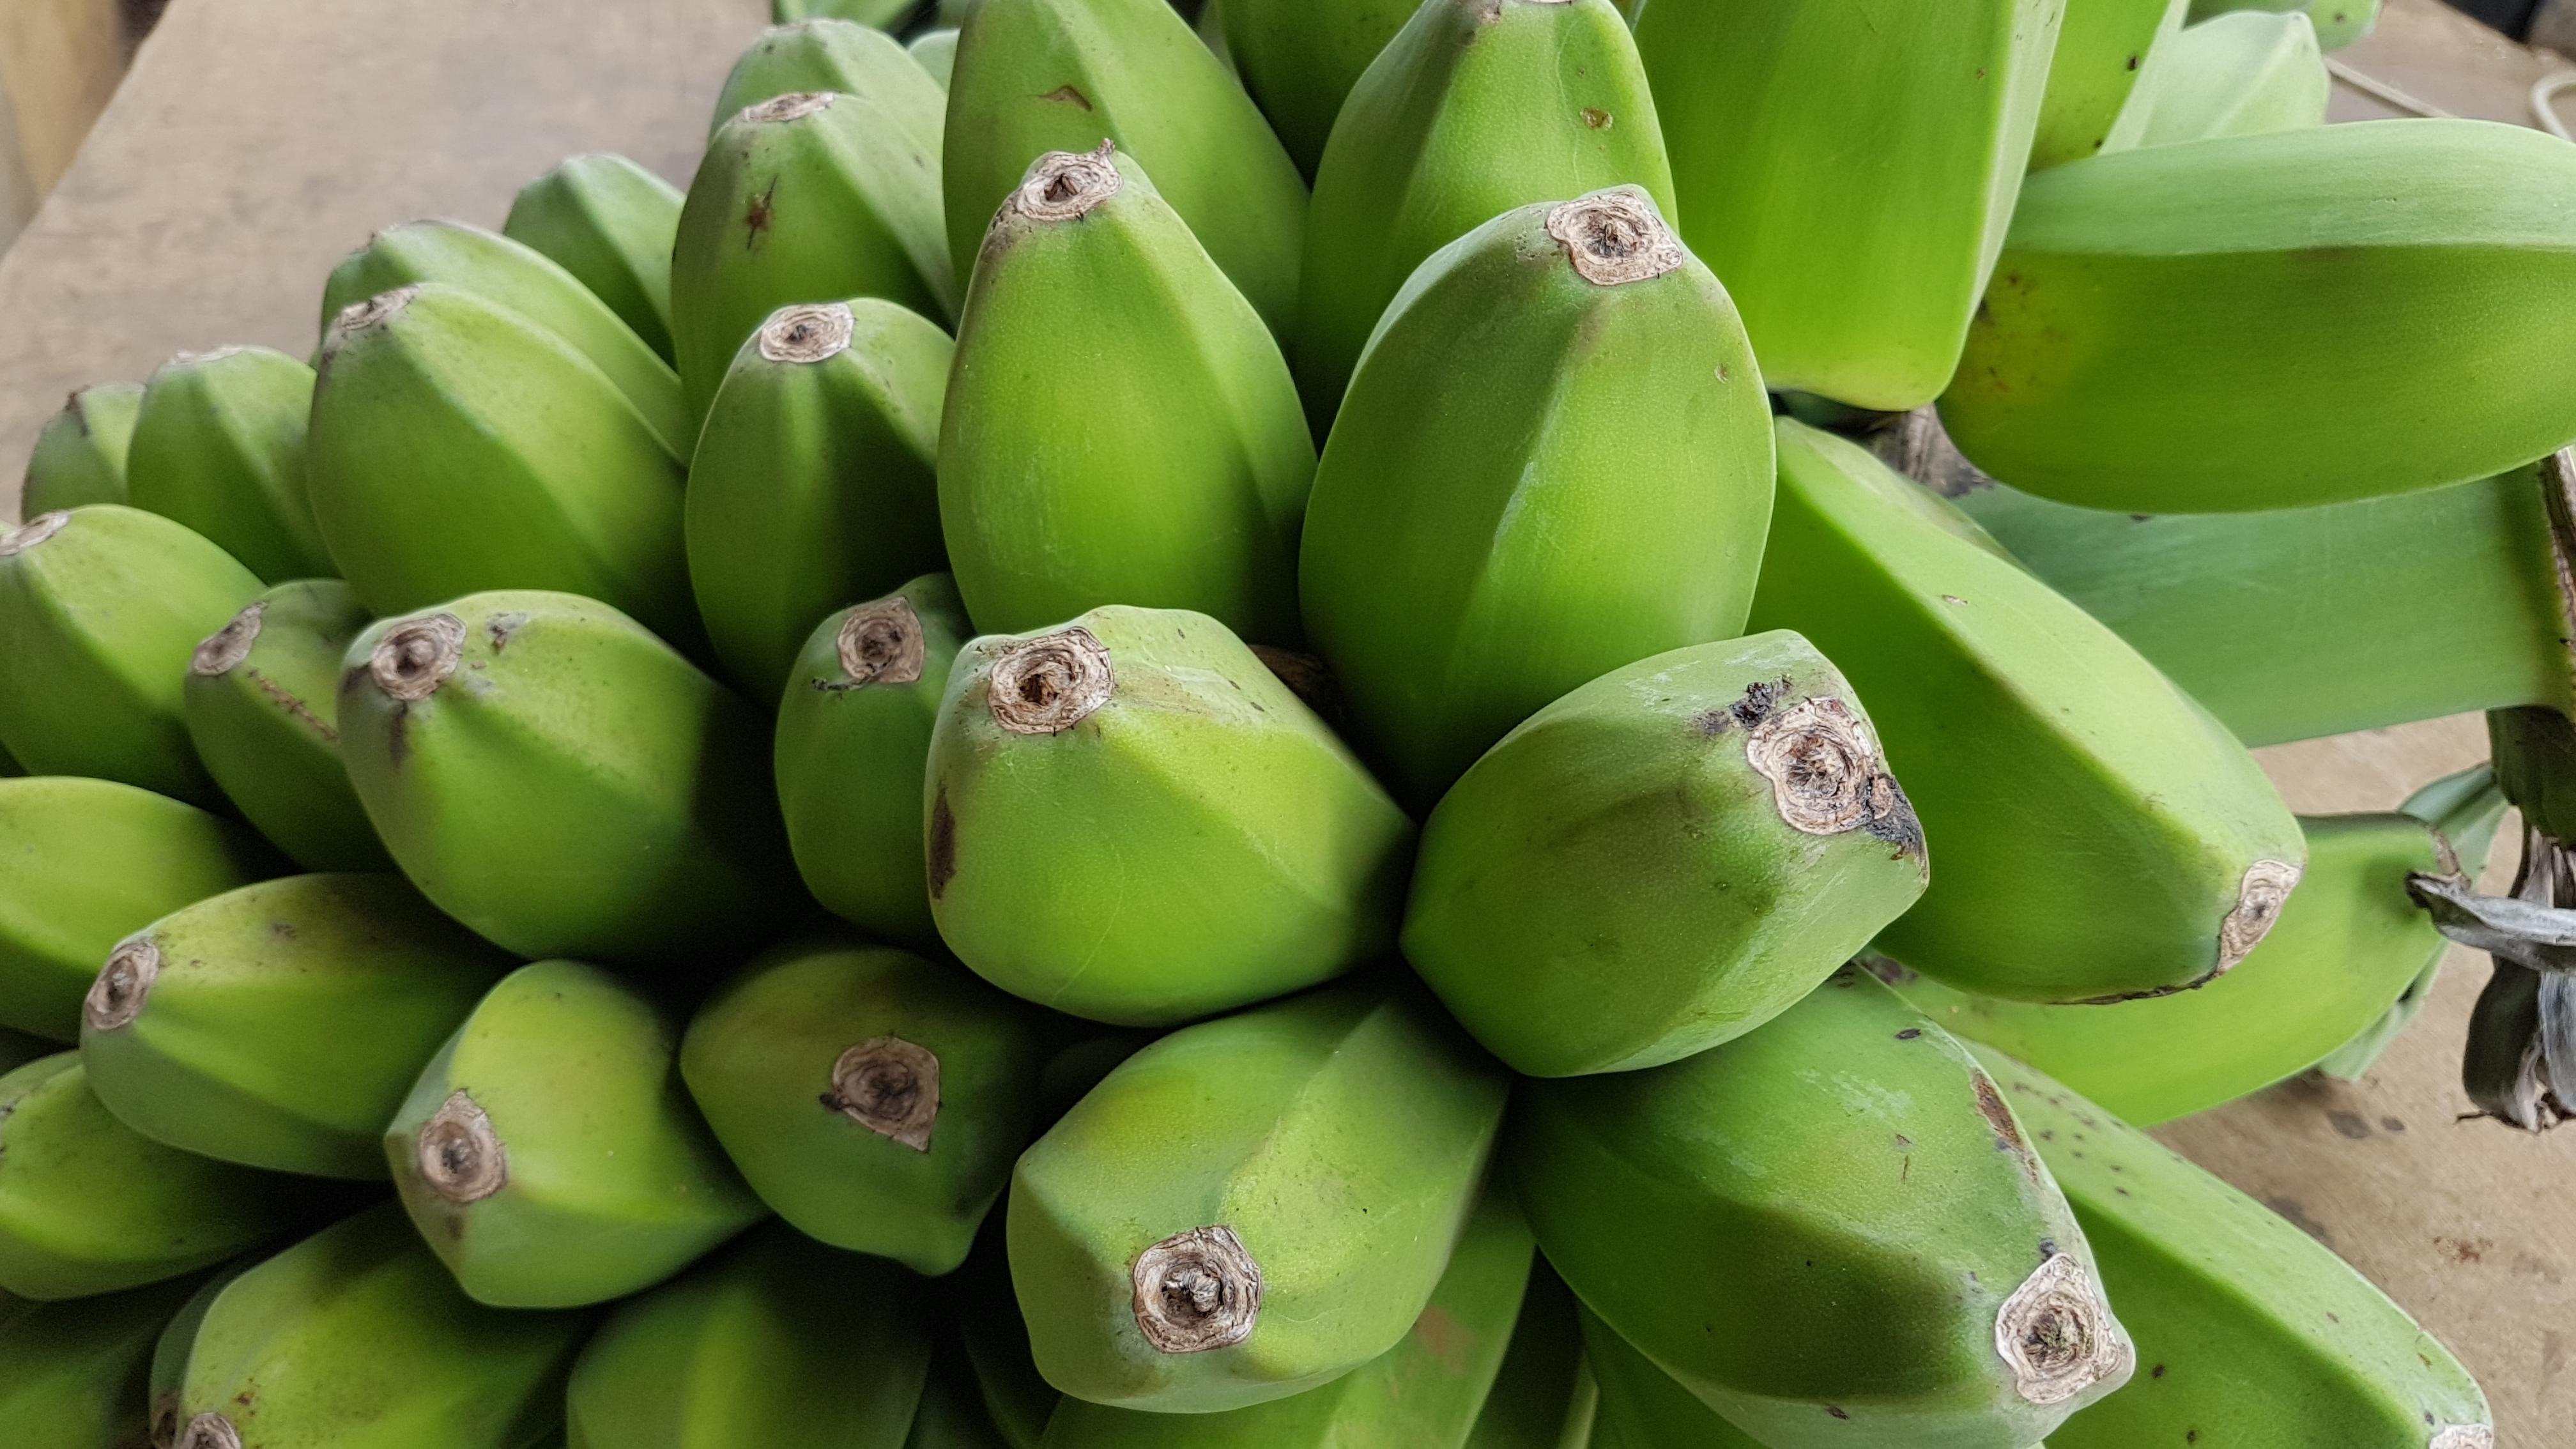 Cardava Banana Wikipedia